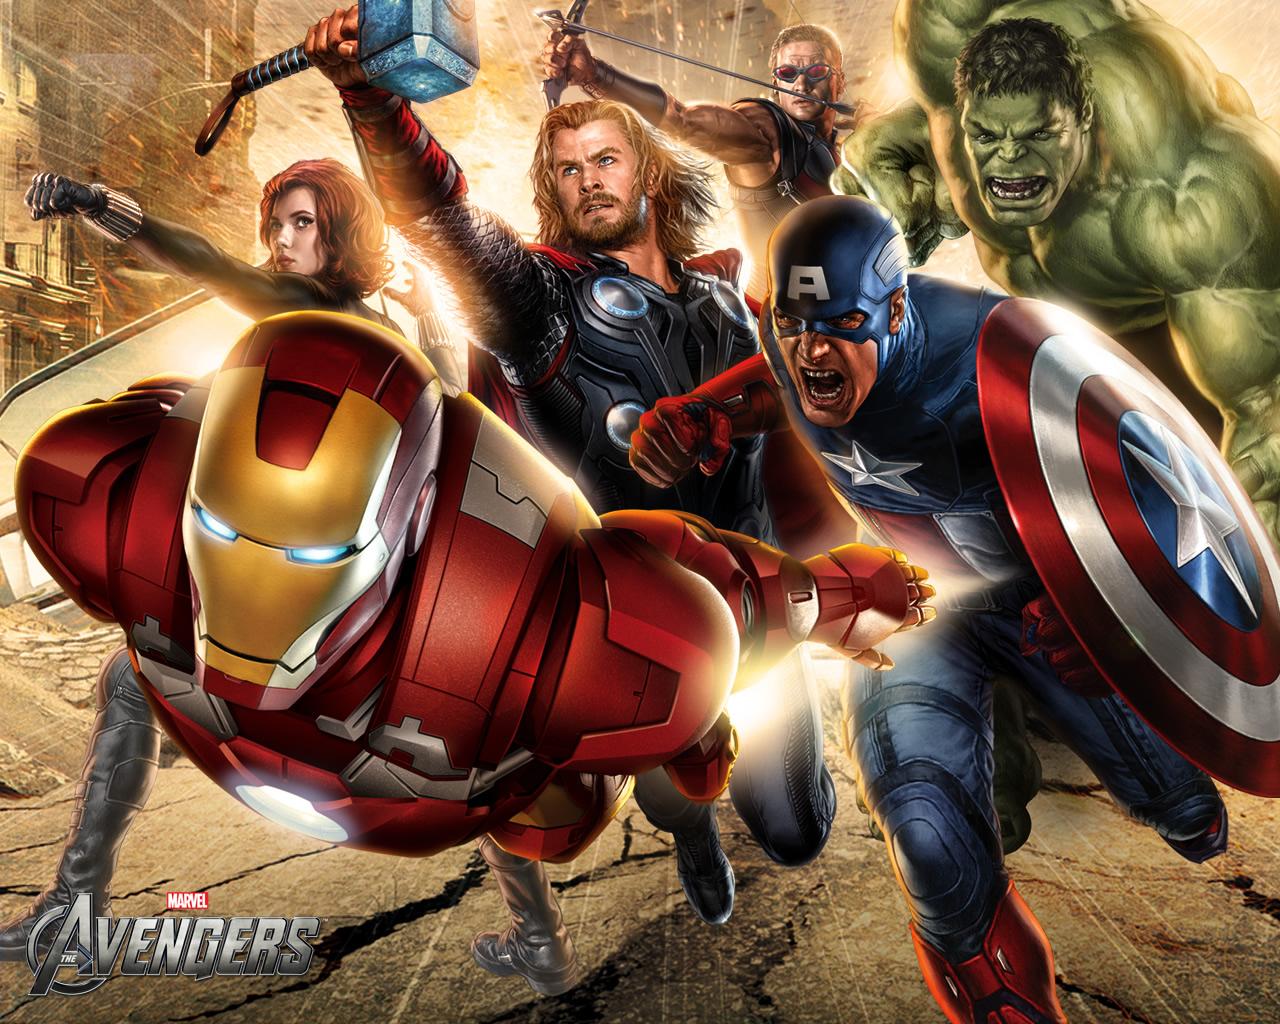 Popular Wallpaper Home Screen Marvel - avengers_background_10_0  Image_29513.jpg